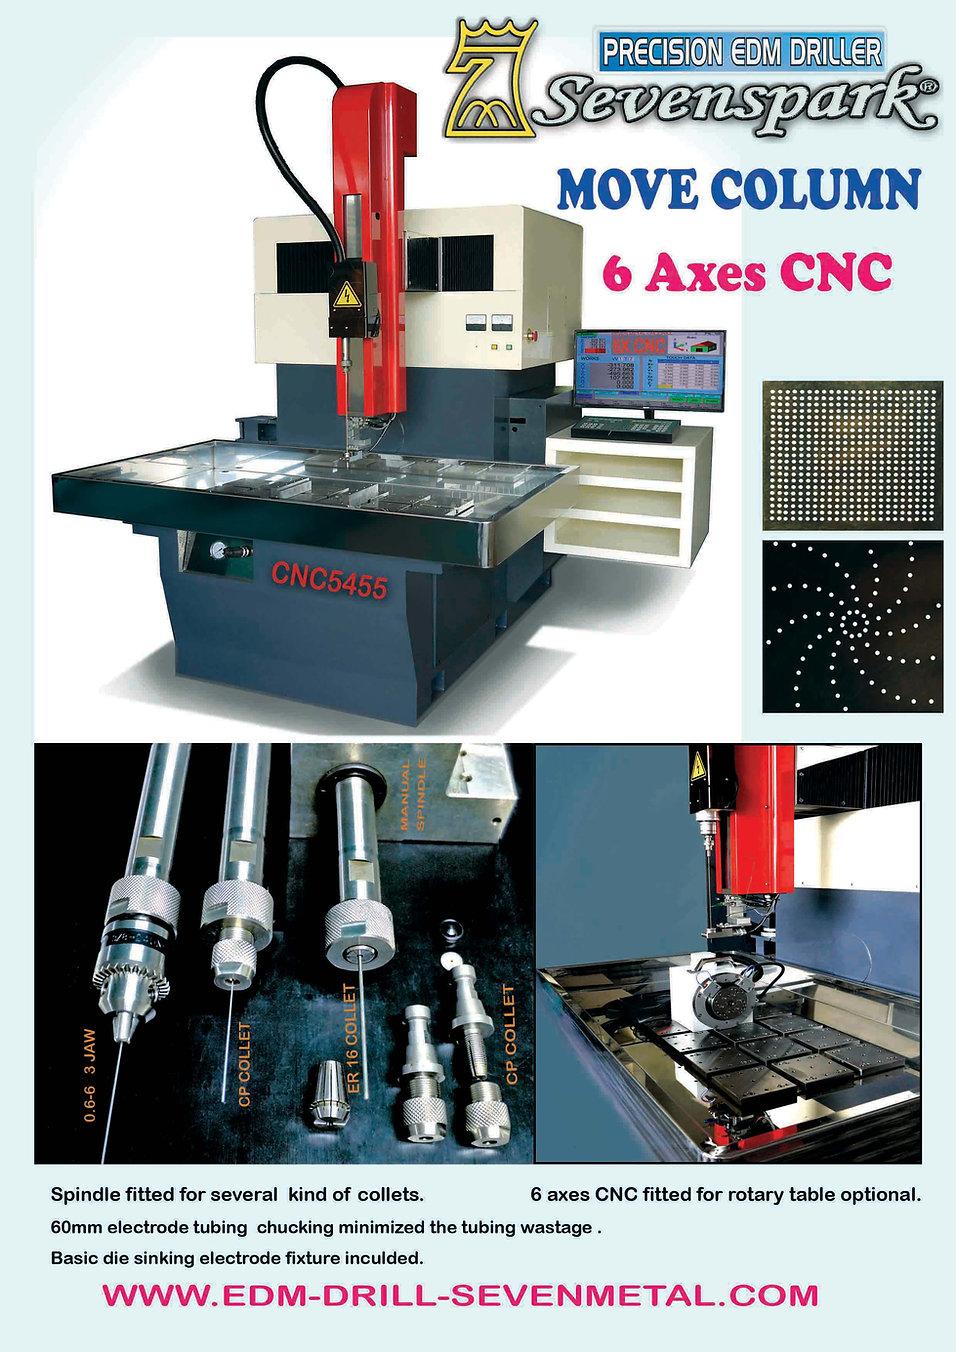 CNC5455 seveenspark EXp AS 40 Pct 2020 1